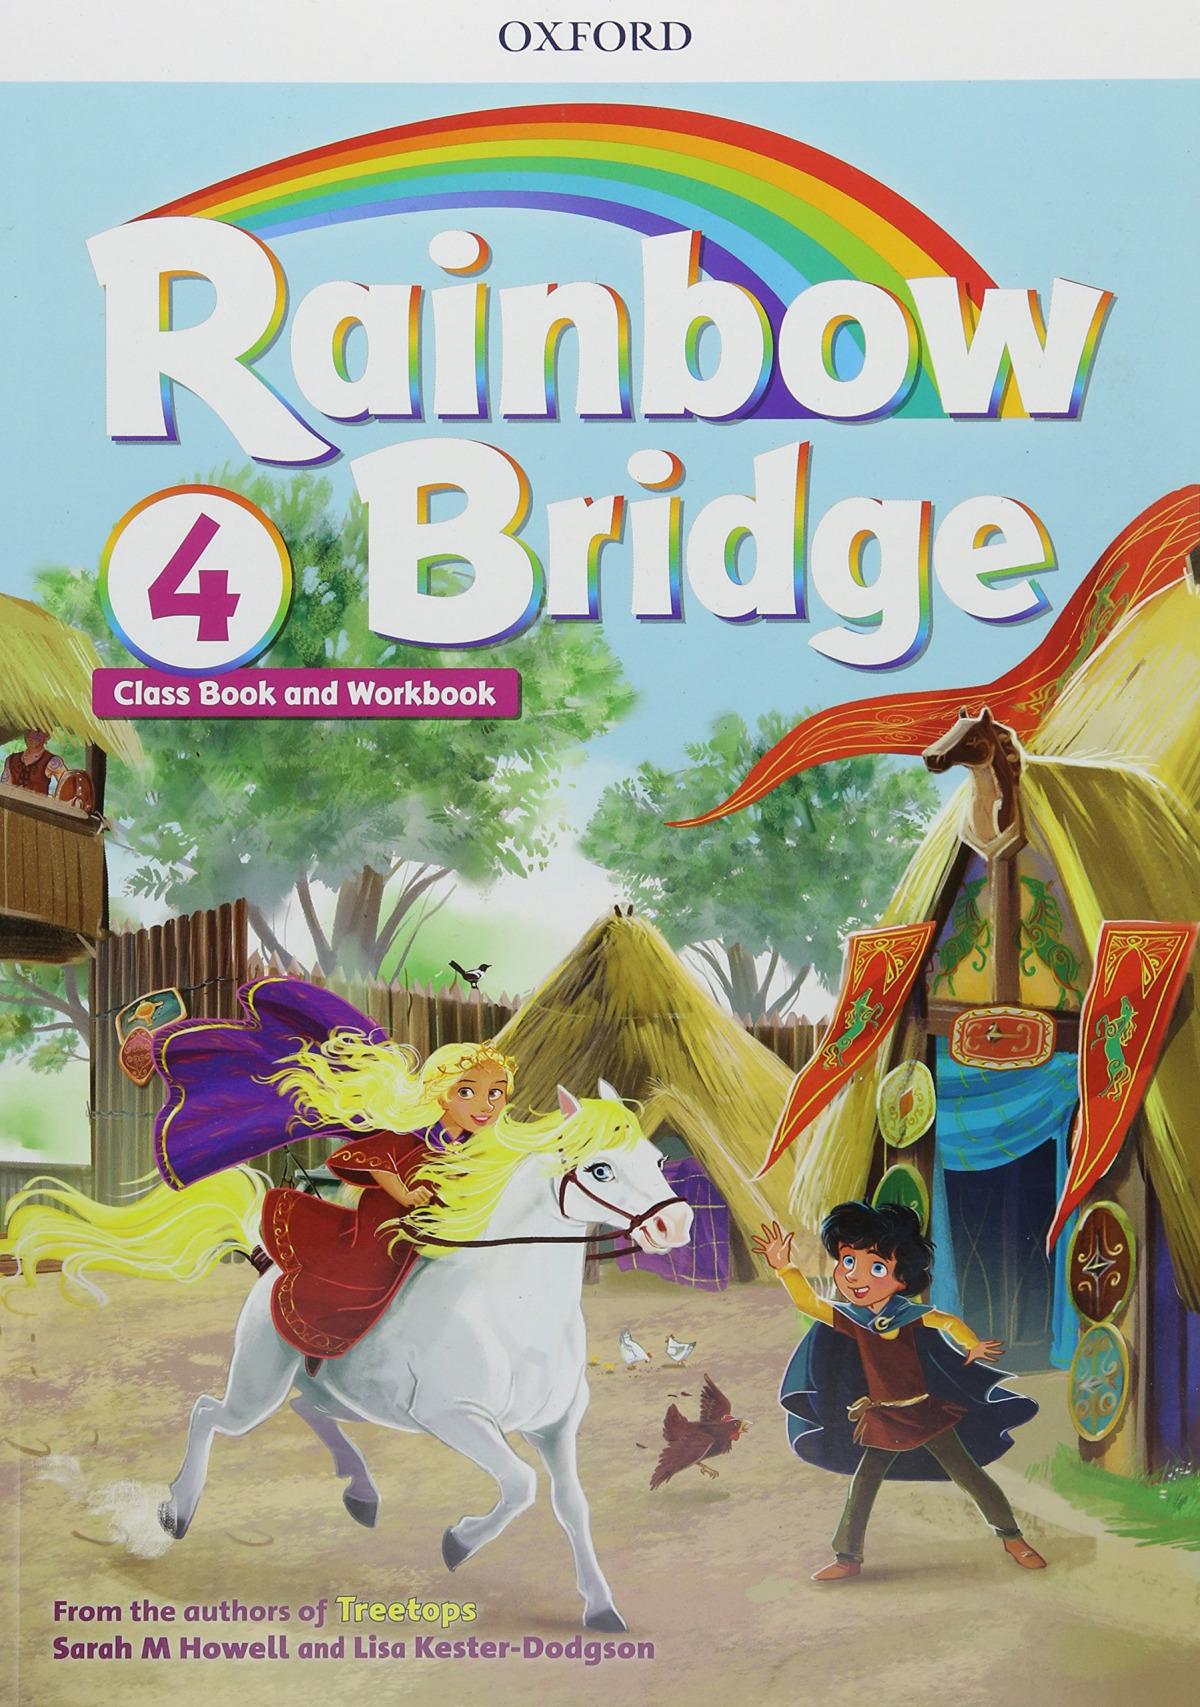 rainbow bridge 4 student + workbook